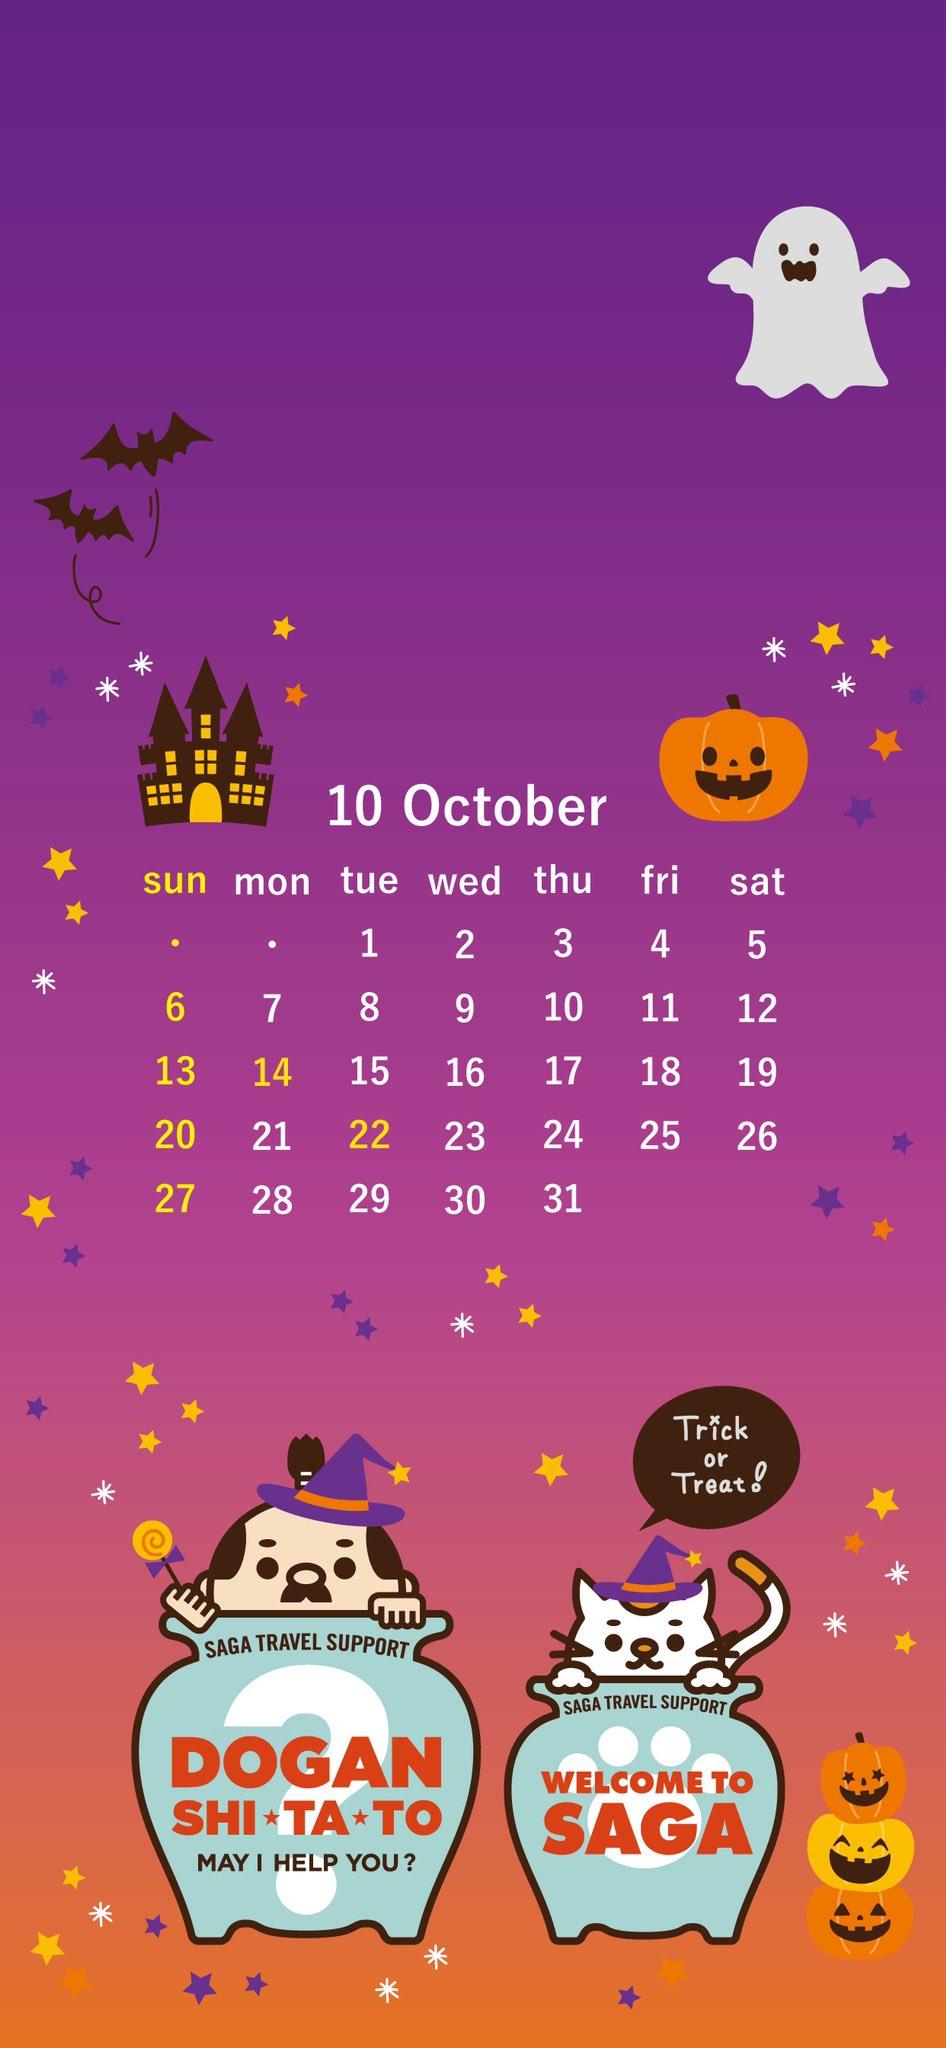 ハッピーハロウィン 10月の壁紙が出来たのじゃ 使ってくだされ ٩ ᐛ